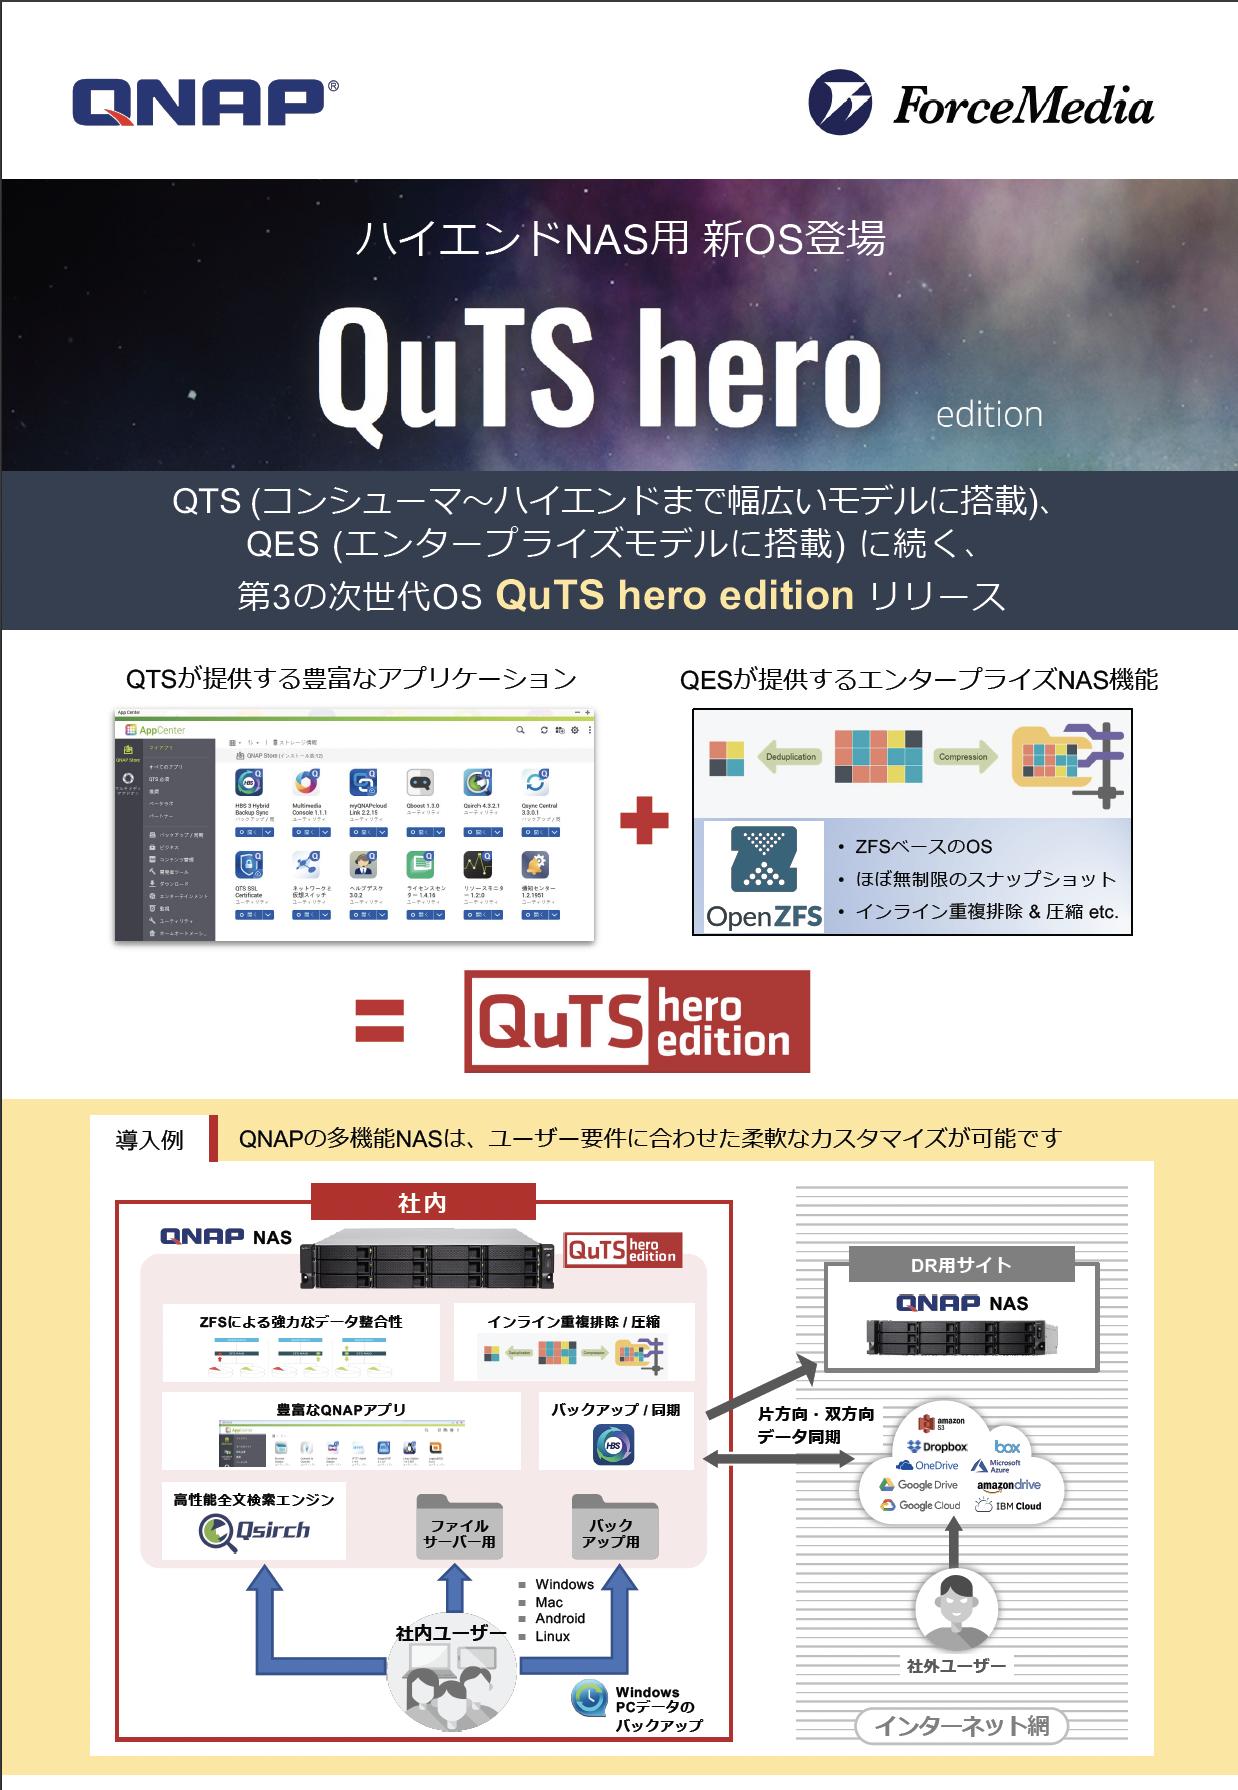 qnap_quts_hero_leaflet.png